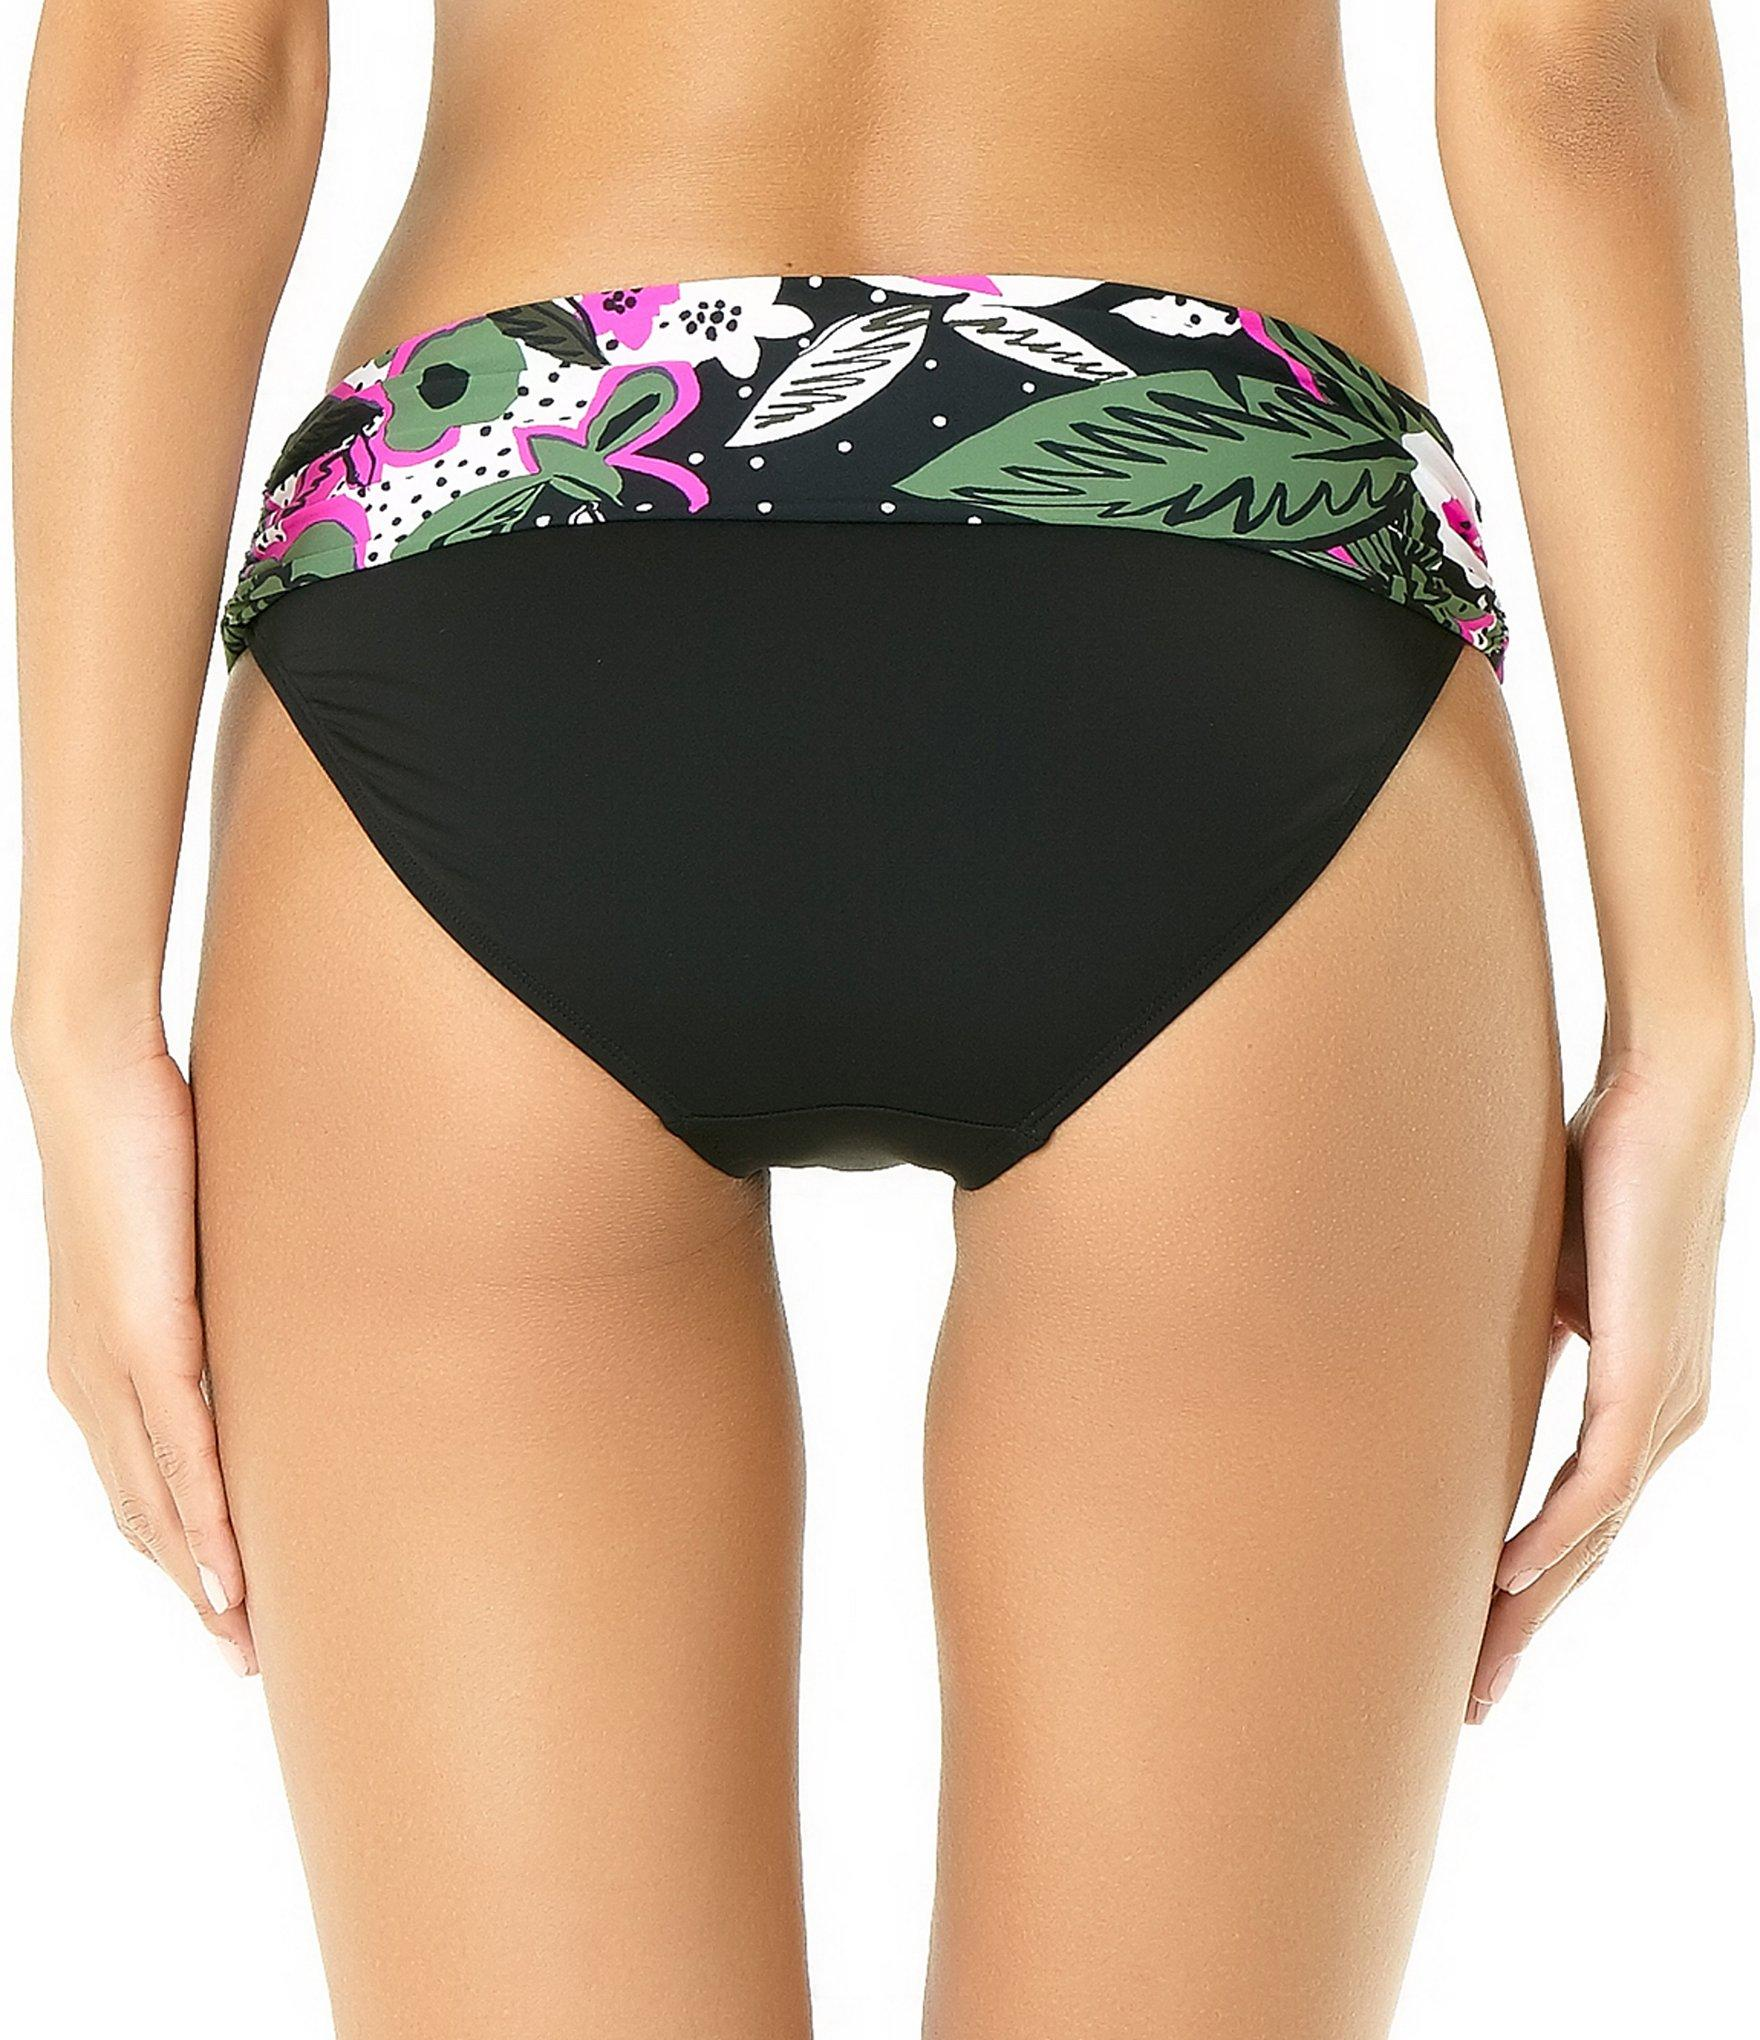 54052a5a3f0 Anne Cole - Multicolor Bolo Babe Foldover Bikini Swimsuit Bottom - Lyst.  View fullscreen